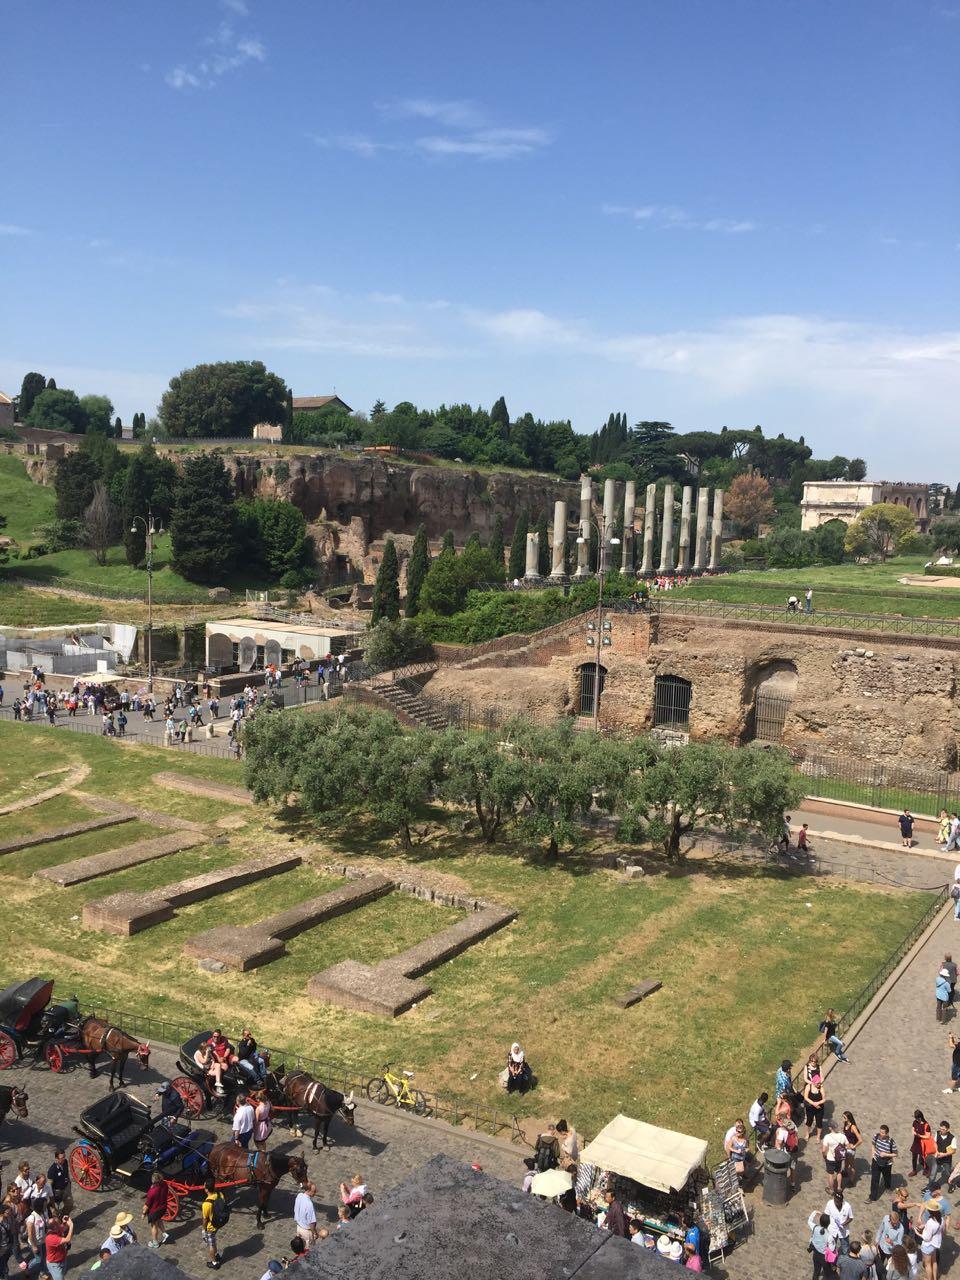 1FT Rome Italy - Campitelli - Lazio, May 20, 2015 - 7 of 75